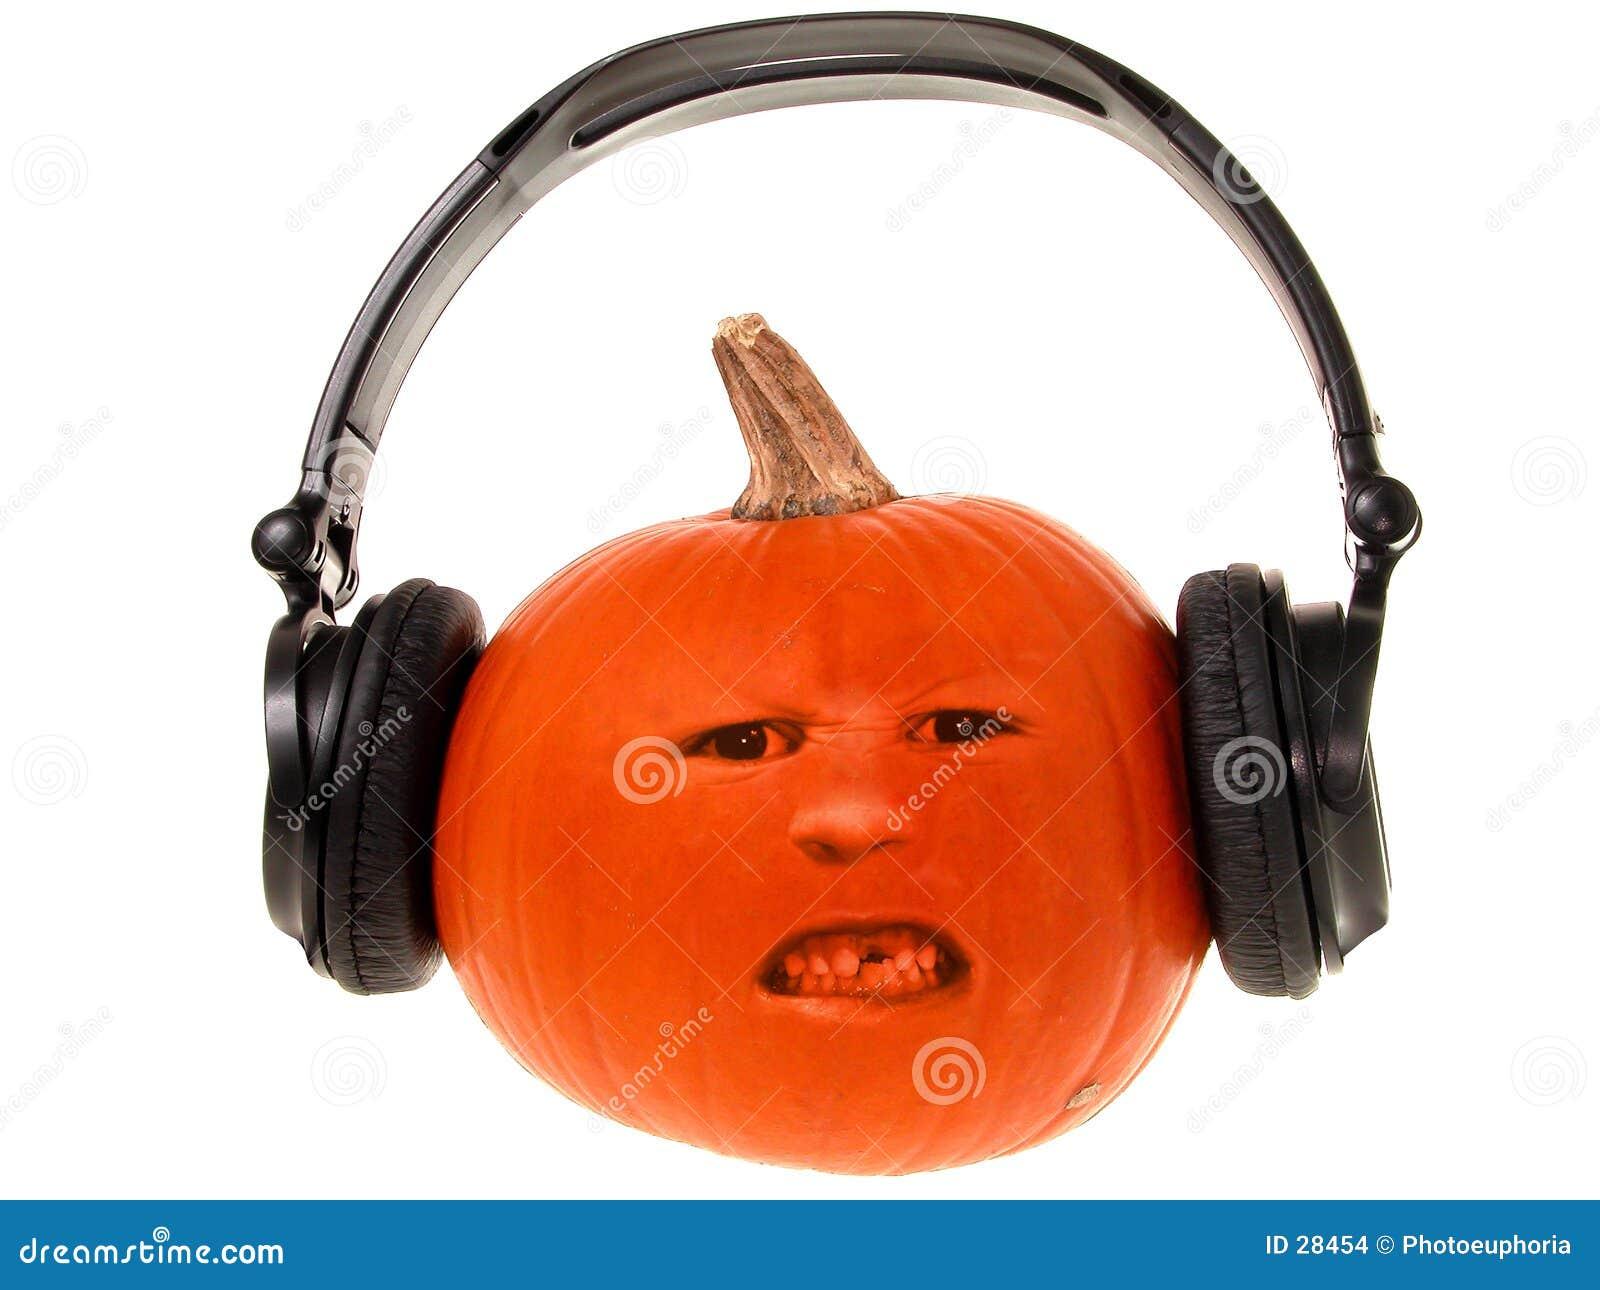 Pumpkin Head with Headphones (2 of 2)